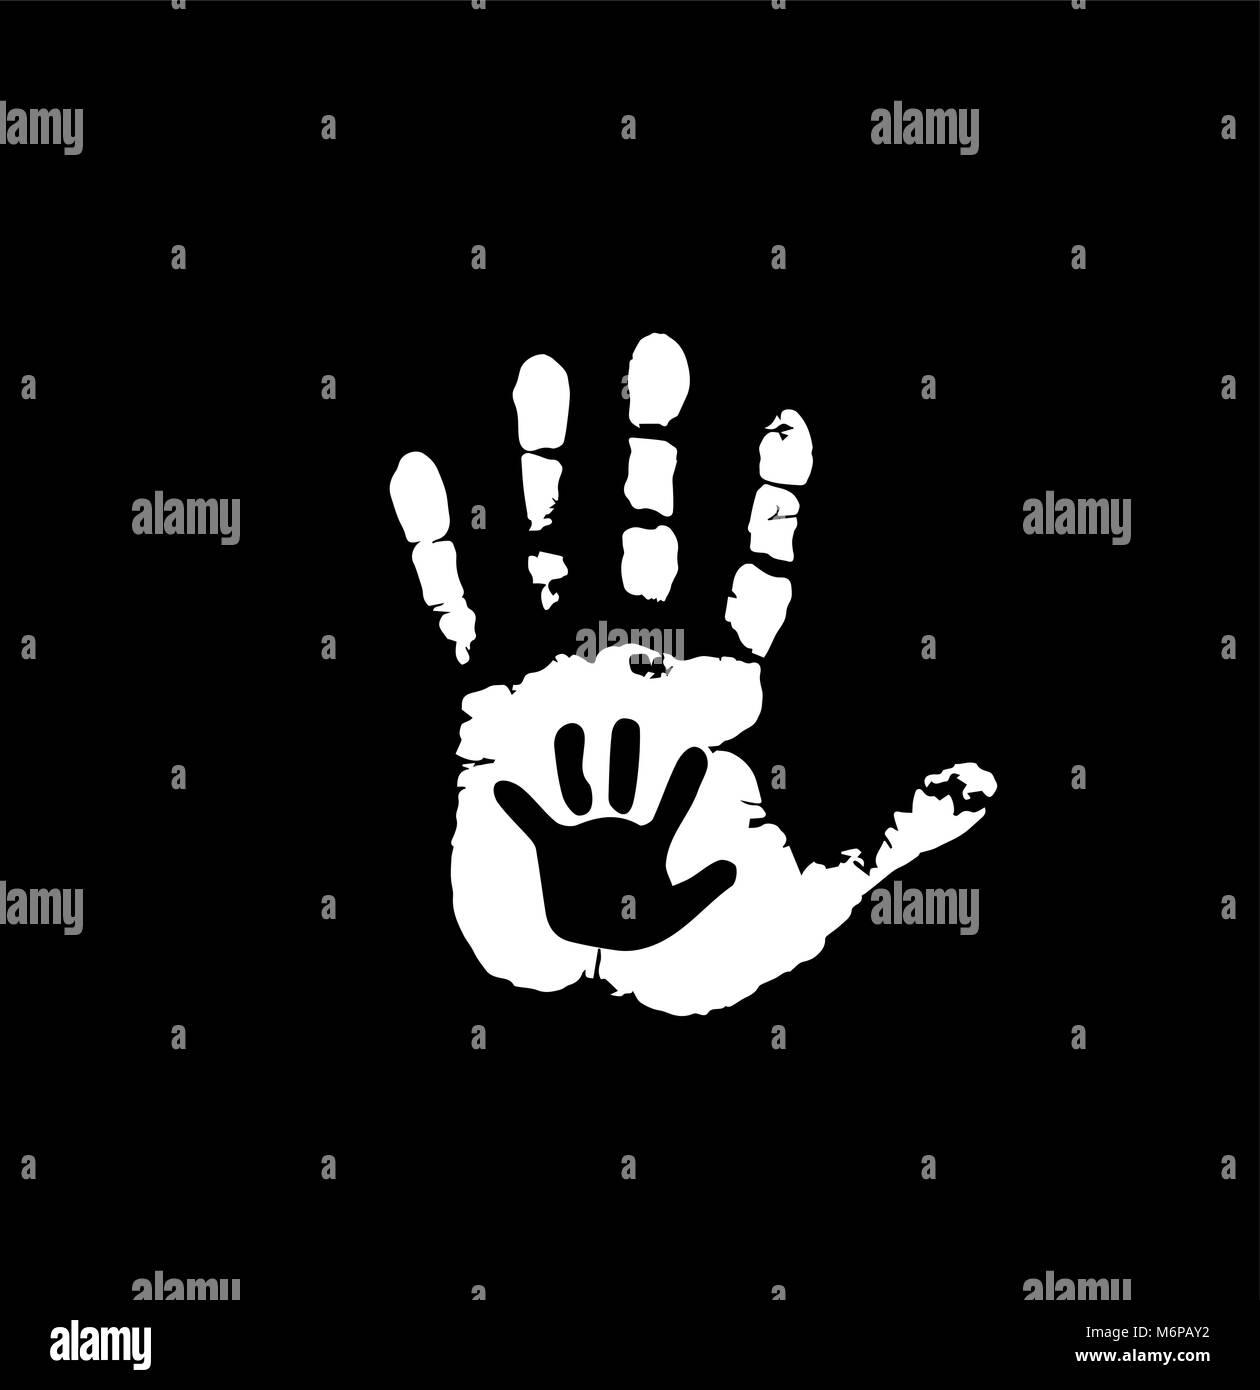 Schwarze Und Weiße Silhouette Von Erwachsenen Und Babys Hände Im